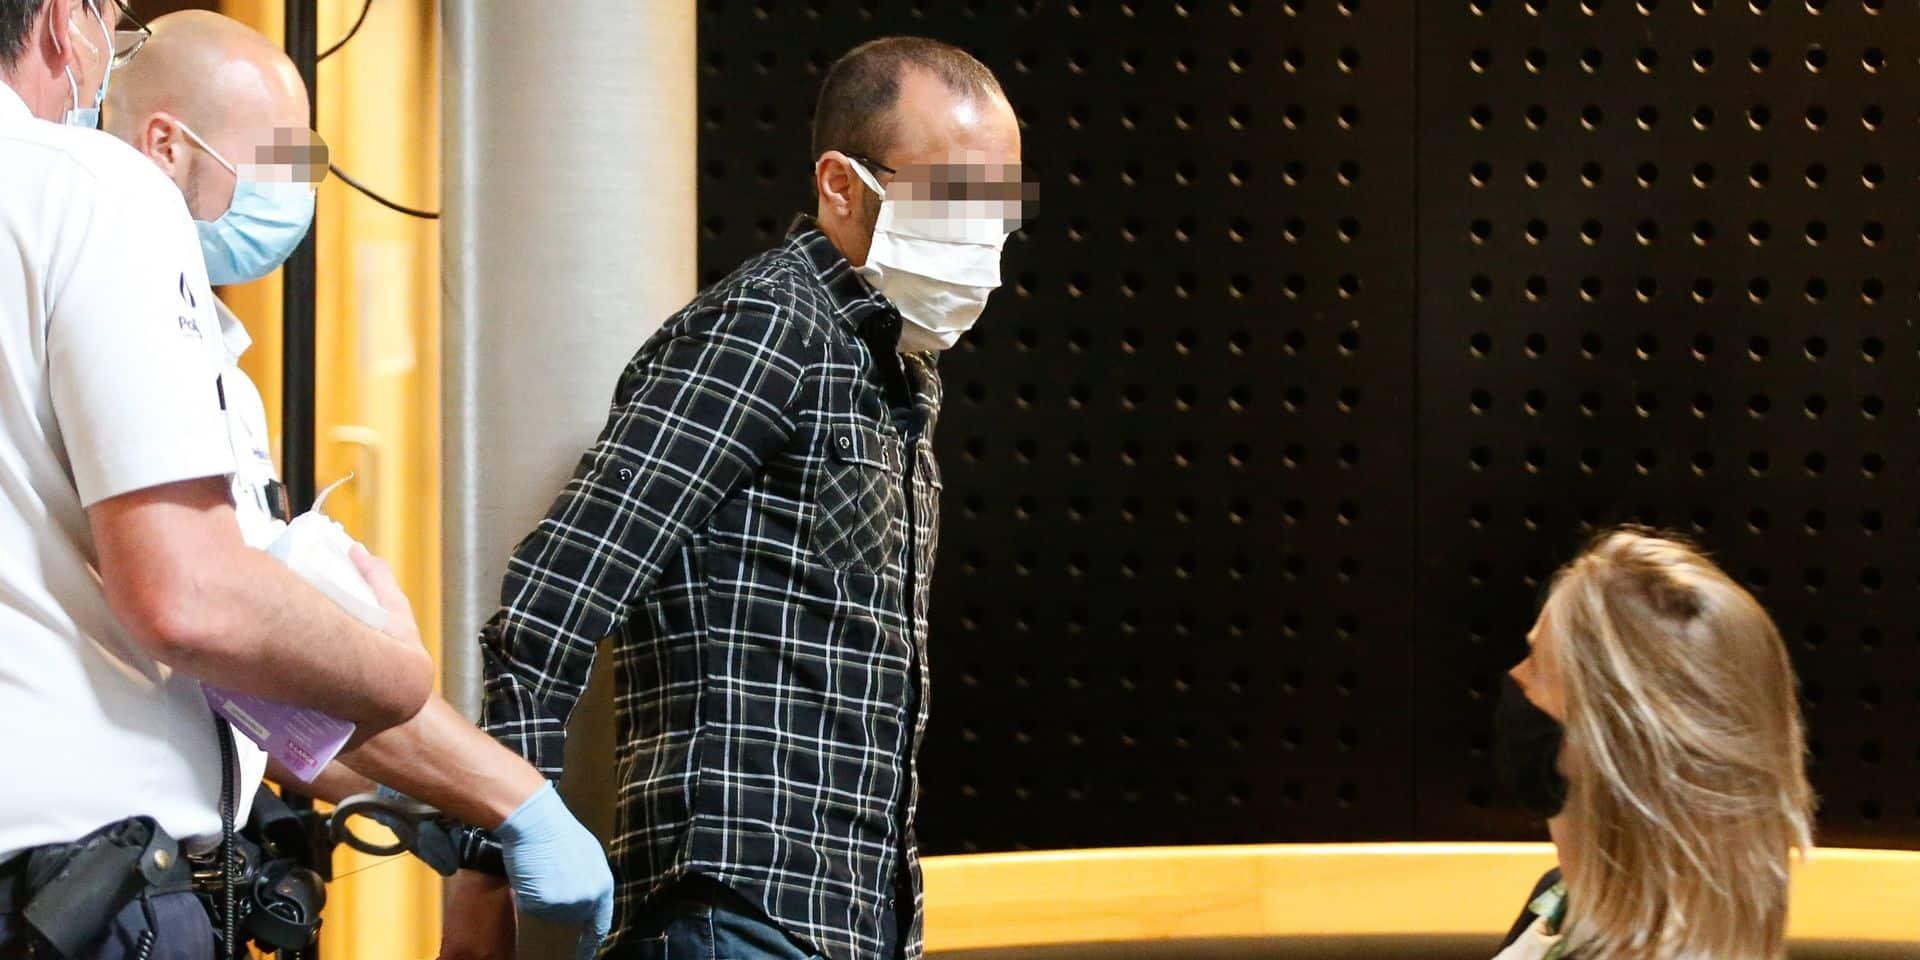 Meurtre de Jean-François Willems : Pour l'accusation, l'intention de tuer est établie